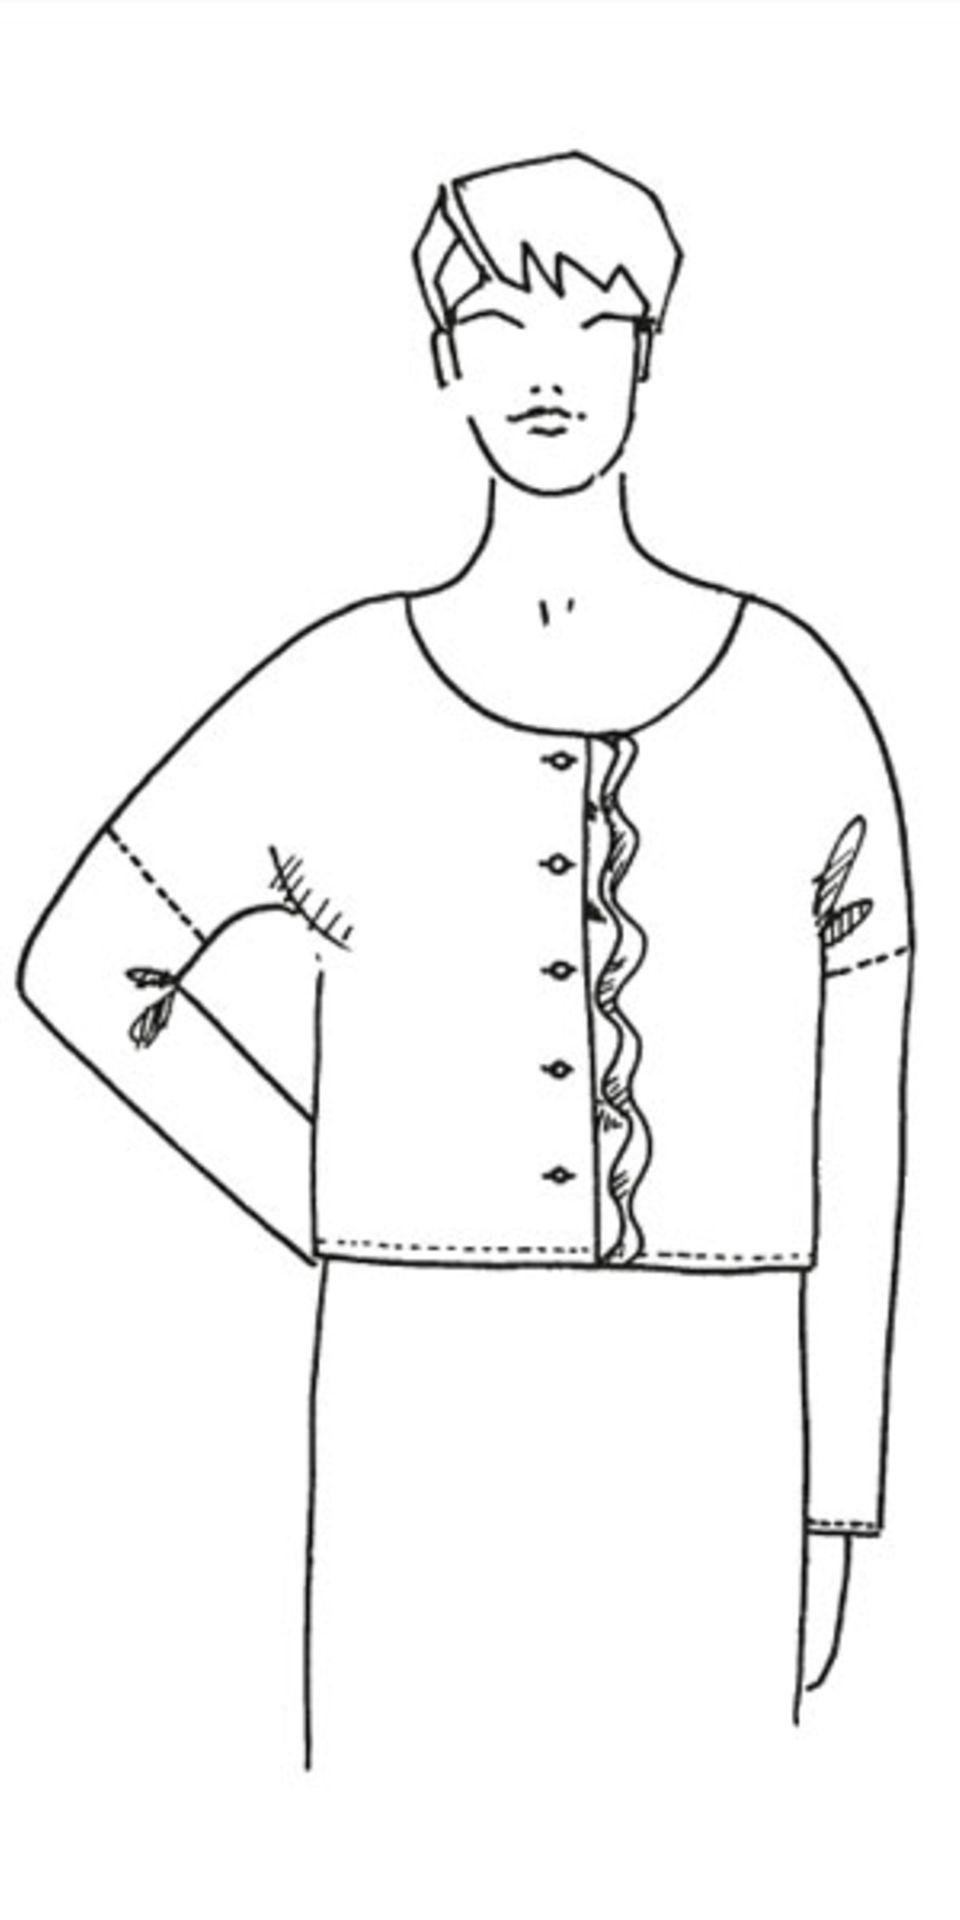 Bluse mit Volant nähen - eine Anleitung